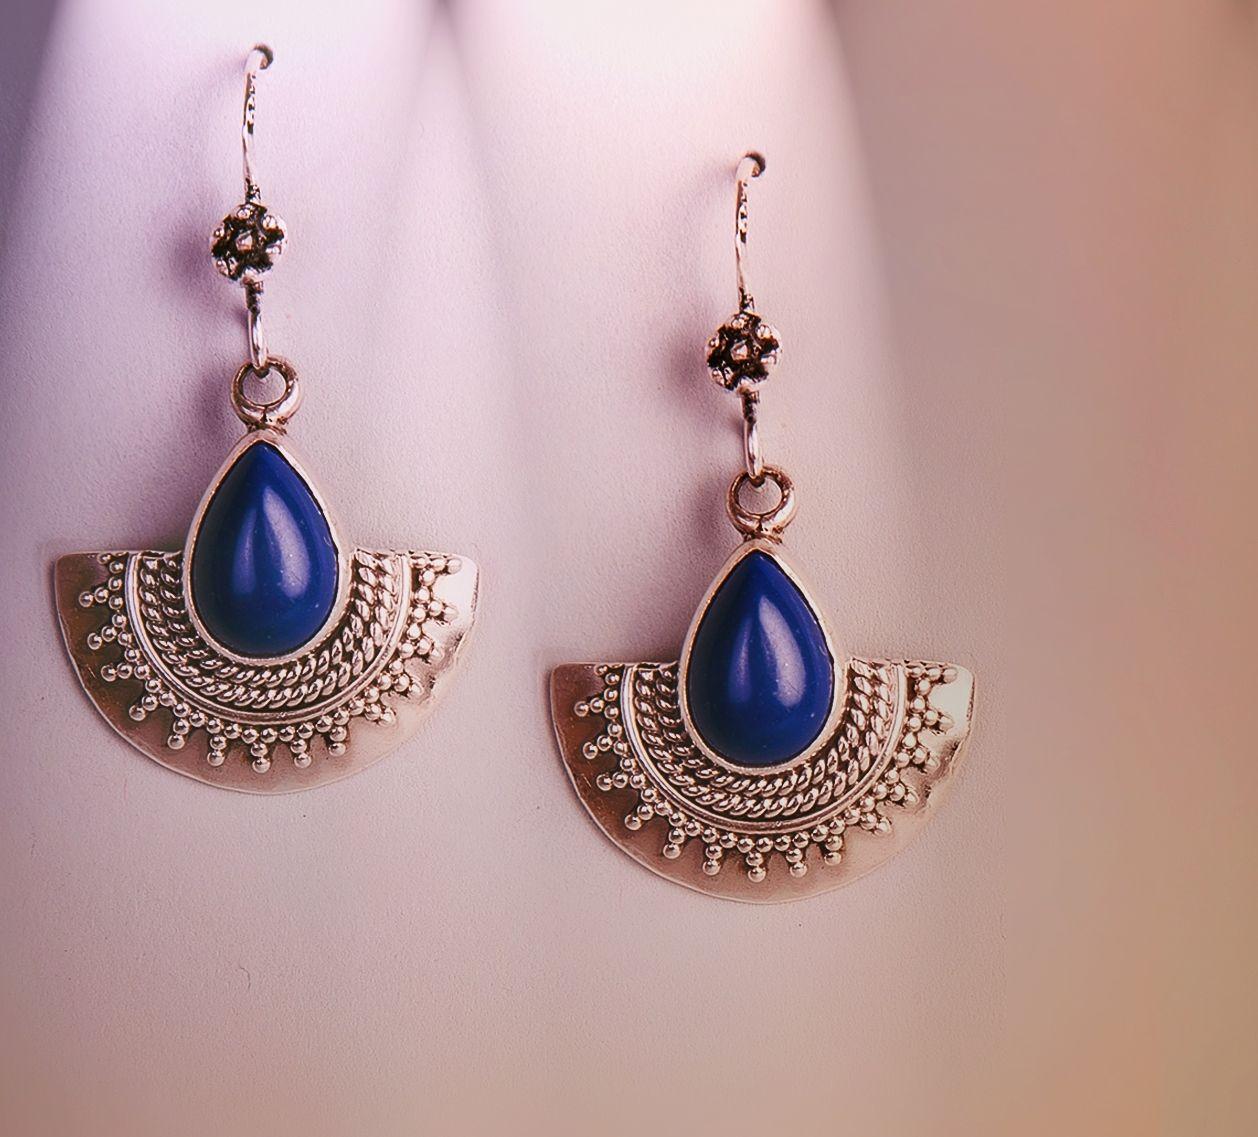 Silver Earrings Blue Accessories Women Fashion Jewellery Fabindia